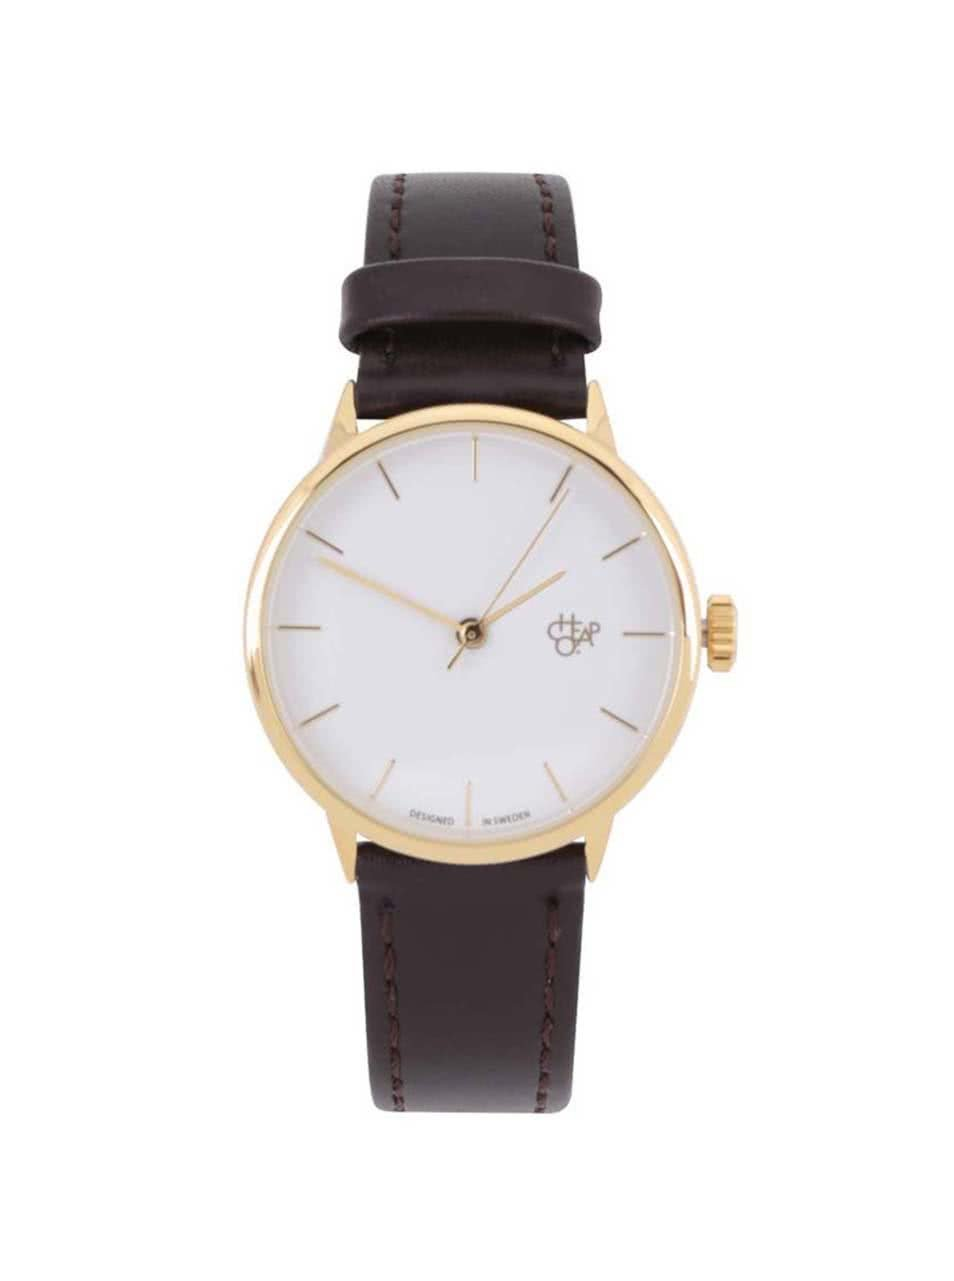 Dámské hodinky ve zlaté barvě s tmavě hnědým páskem z veganské kůže Cheapo Khorshid Mini Gold